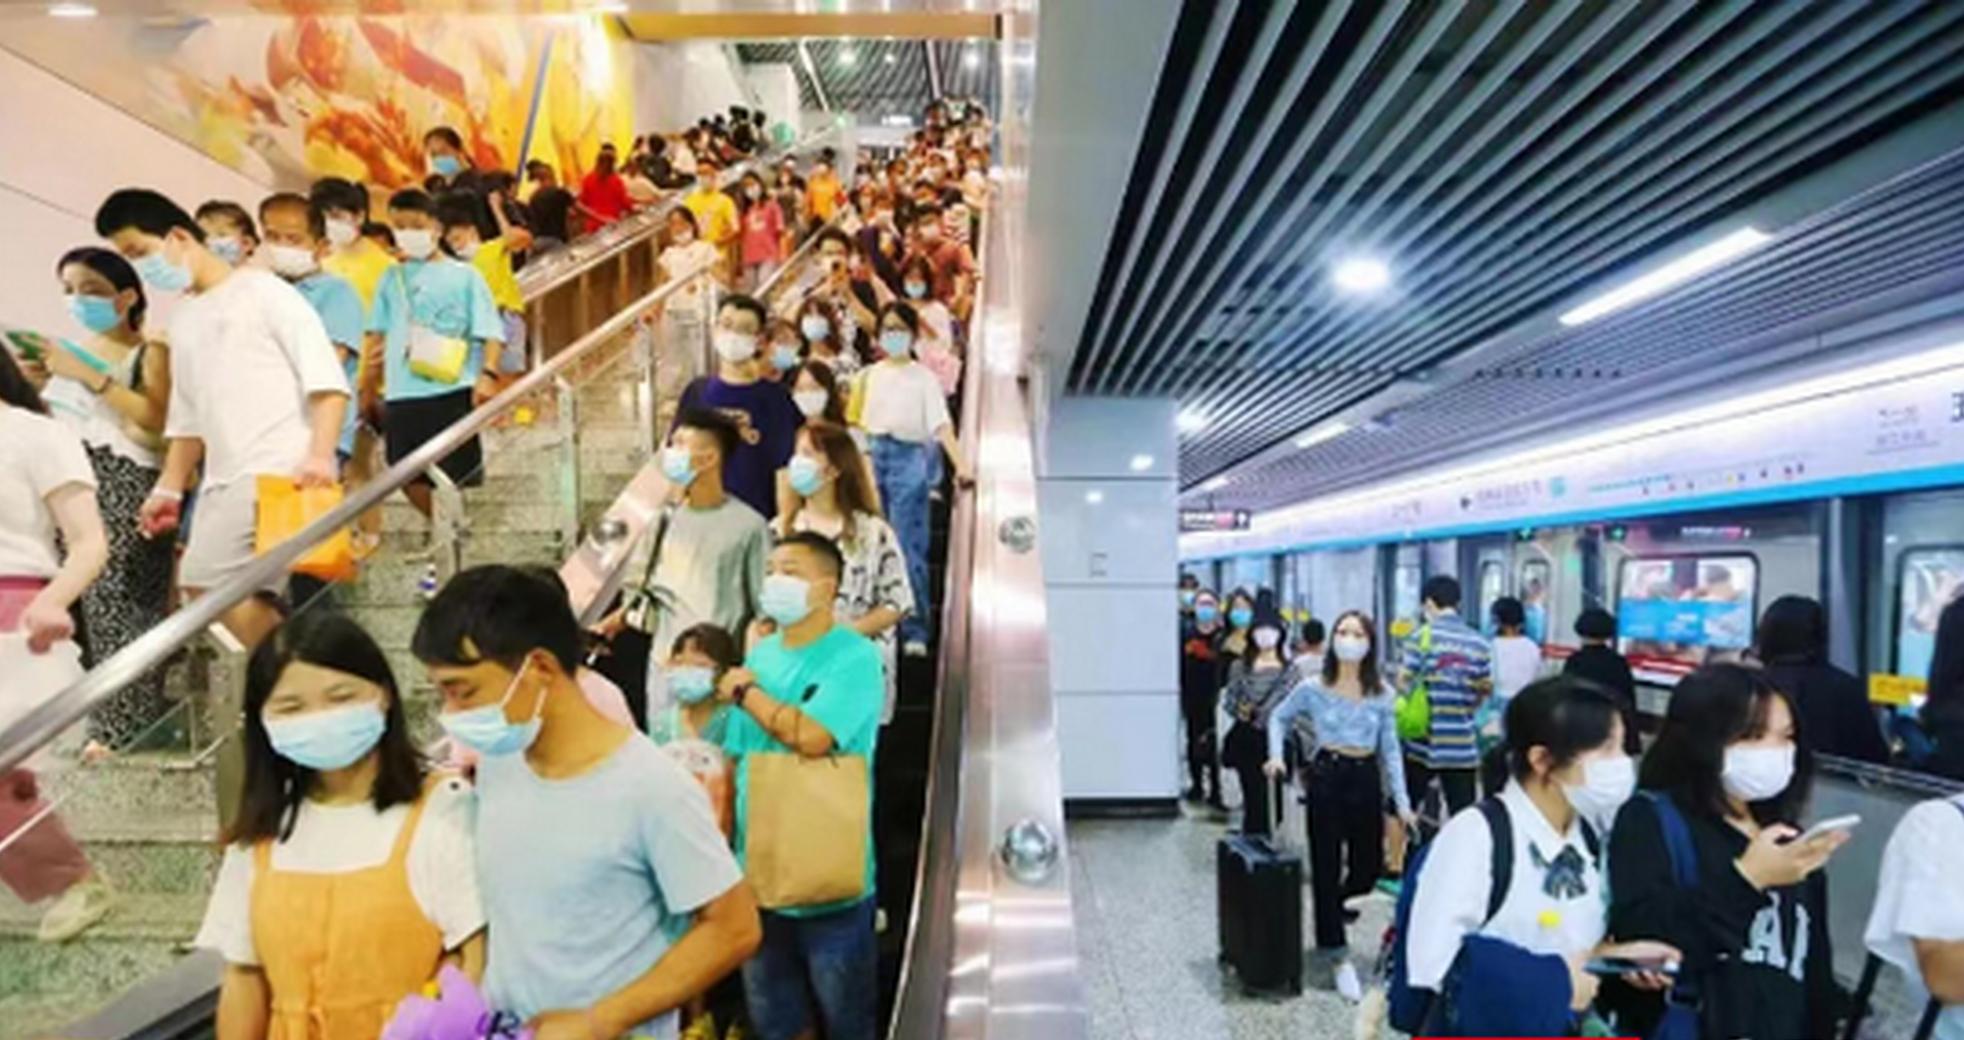 两天460.6万人次,长沙地铁国庆迎客流高峰